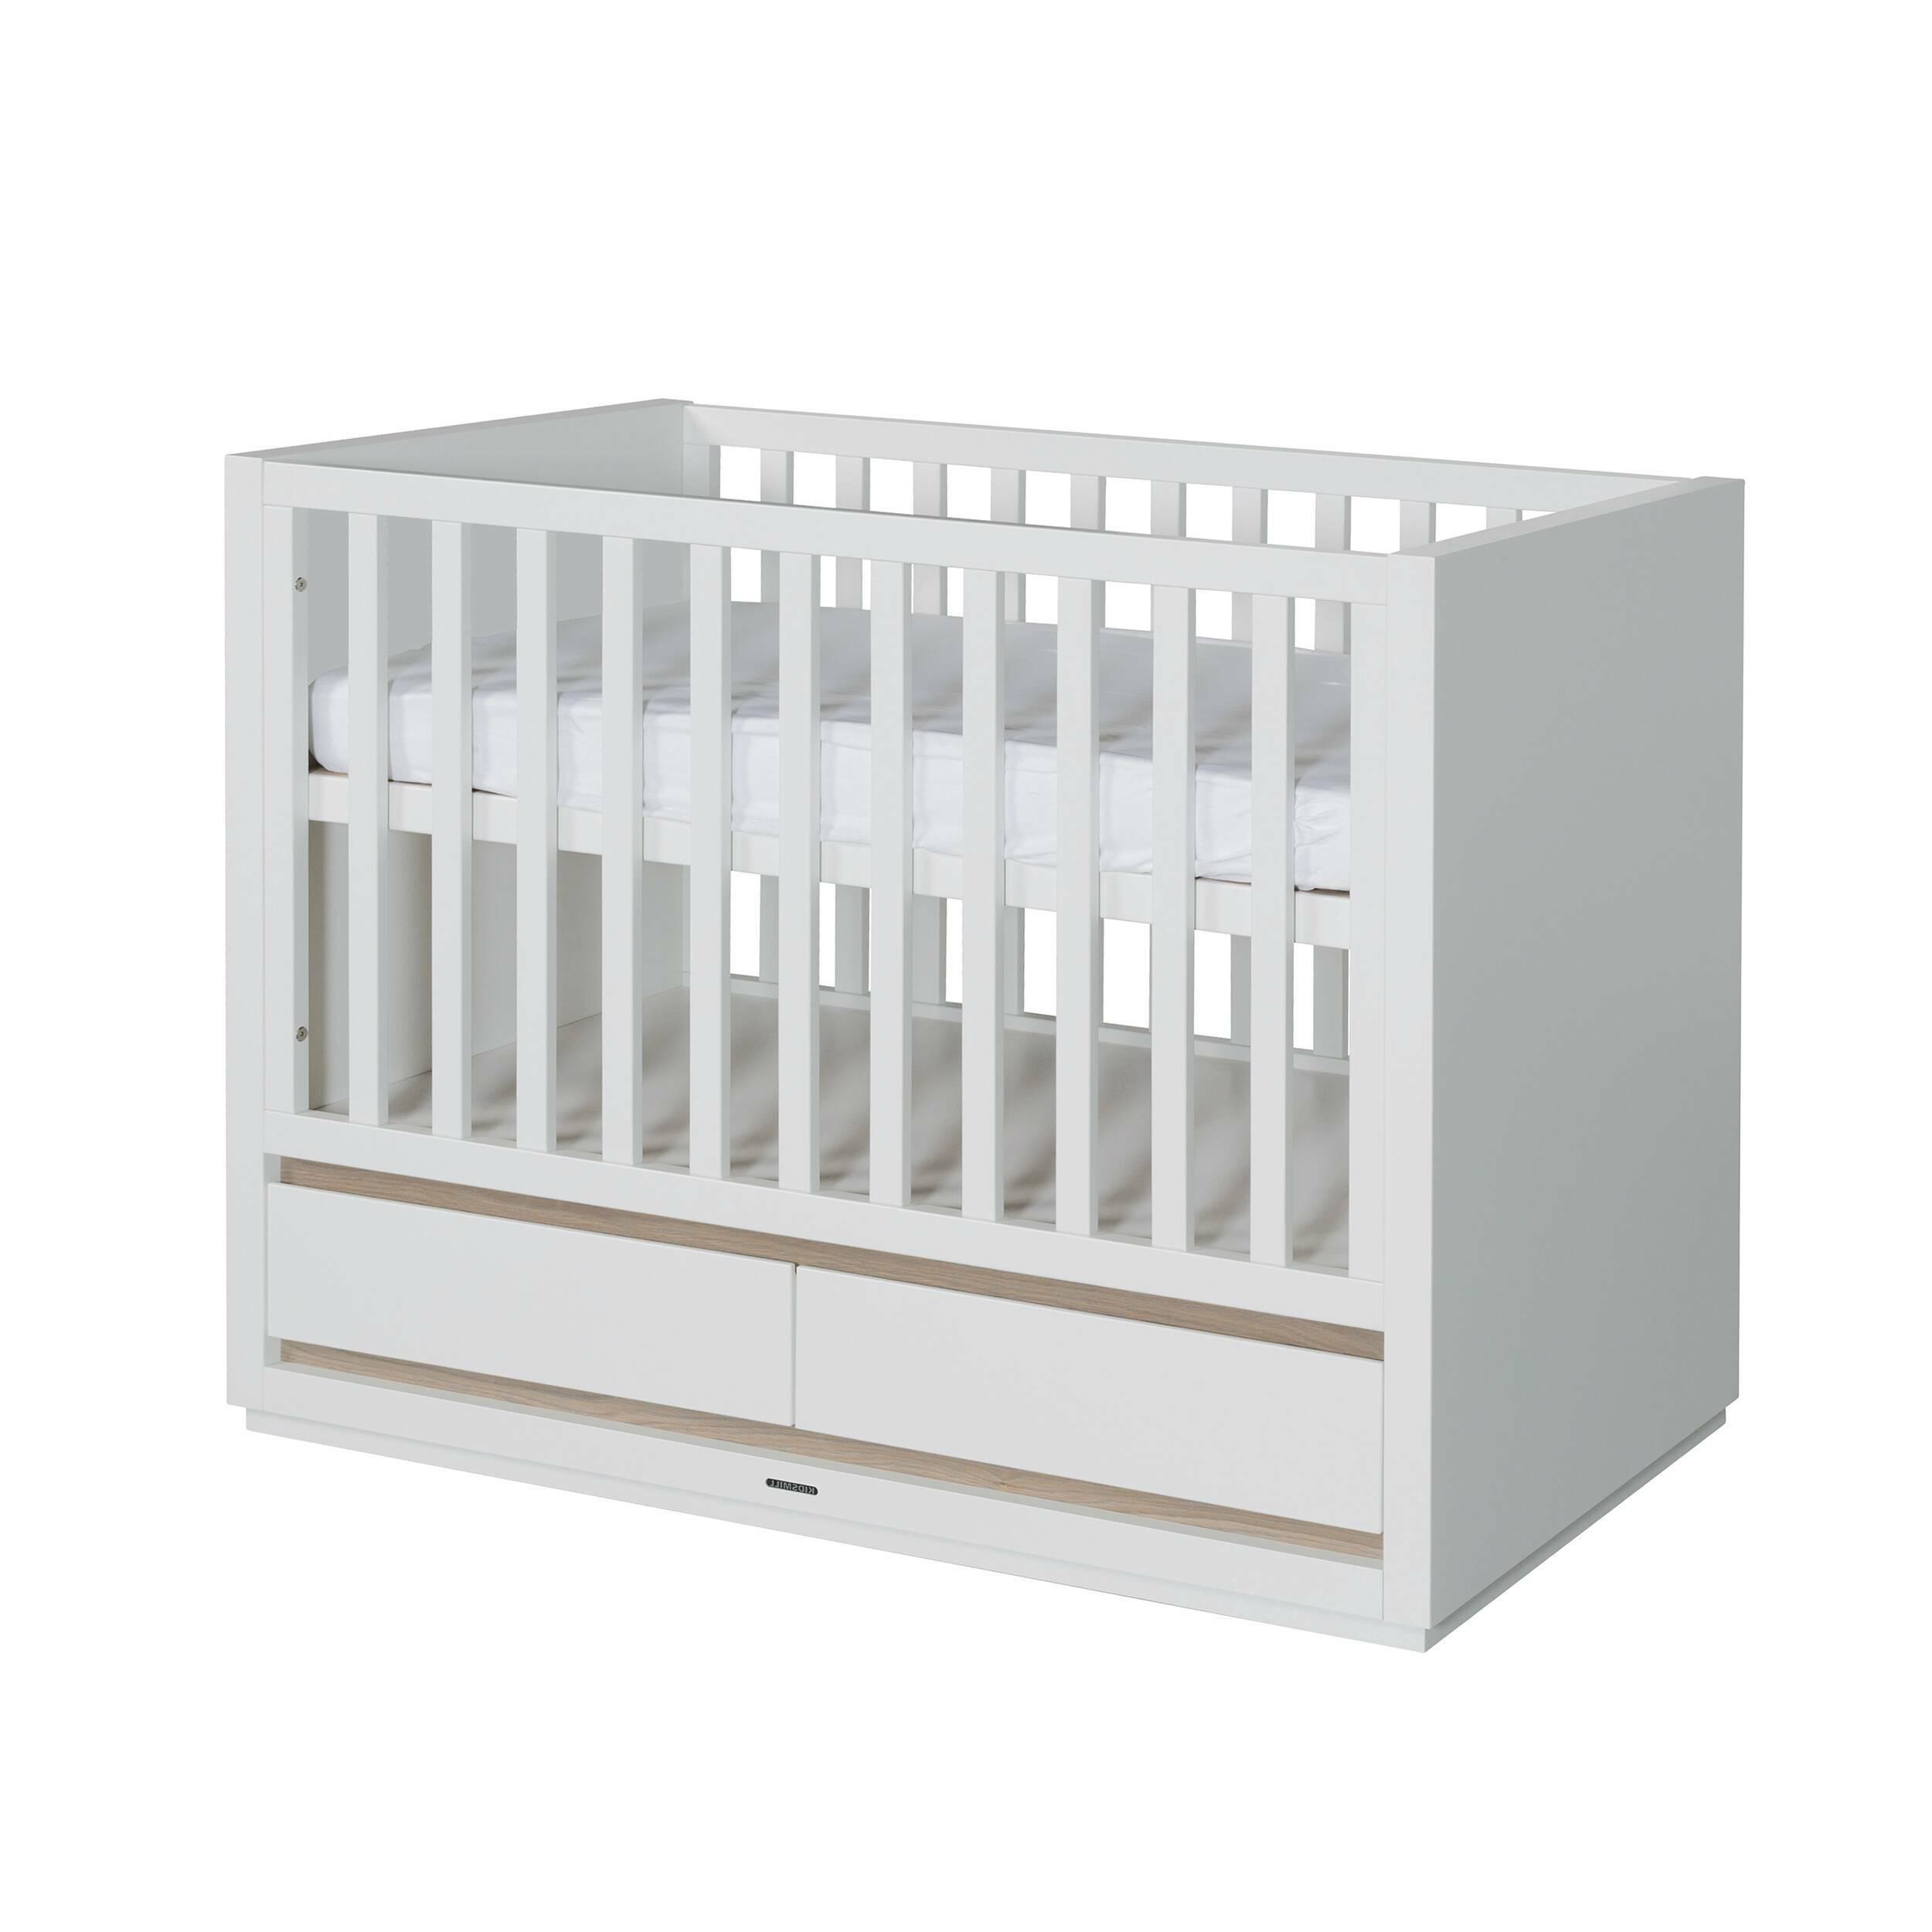 Детская кровать Accent, 60х120